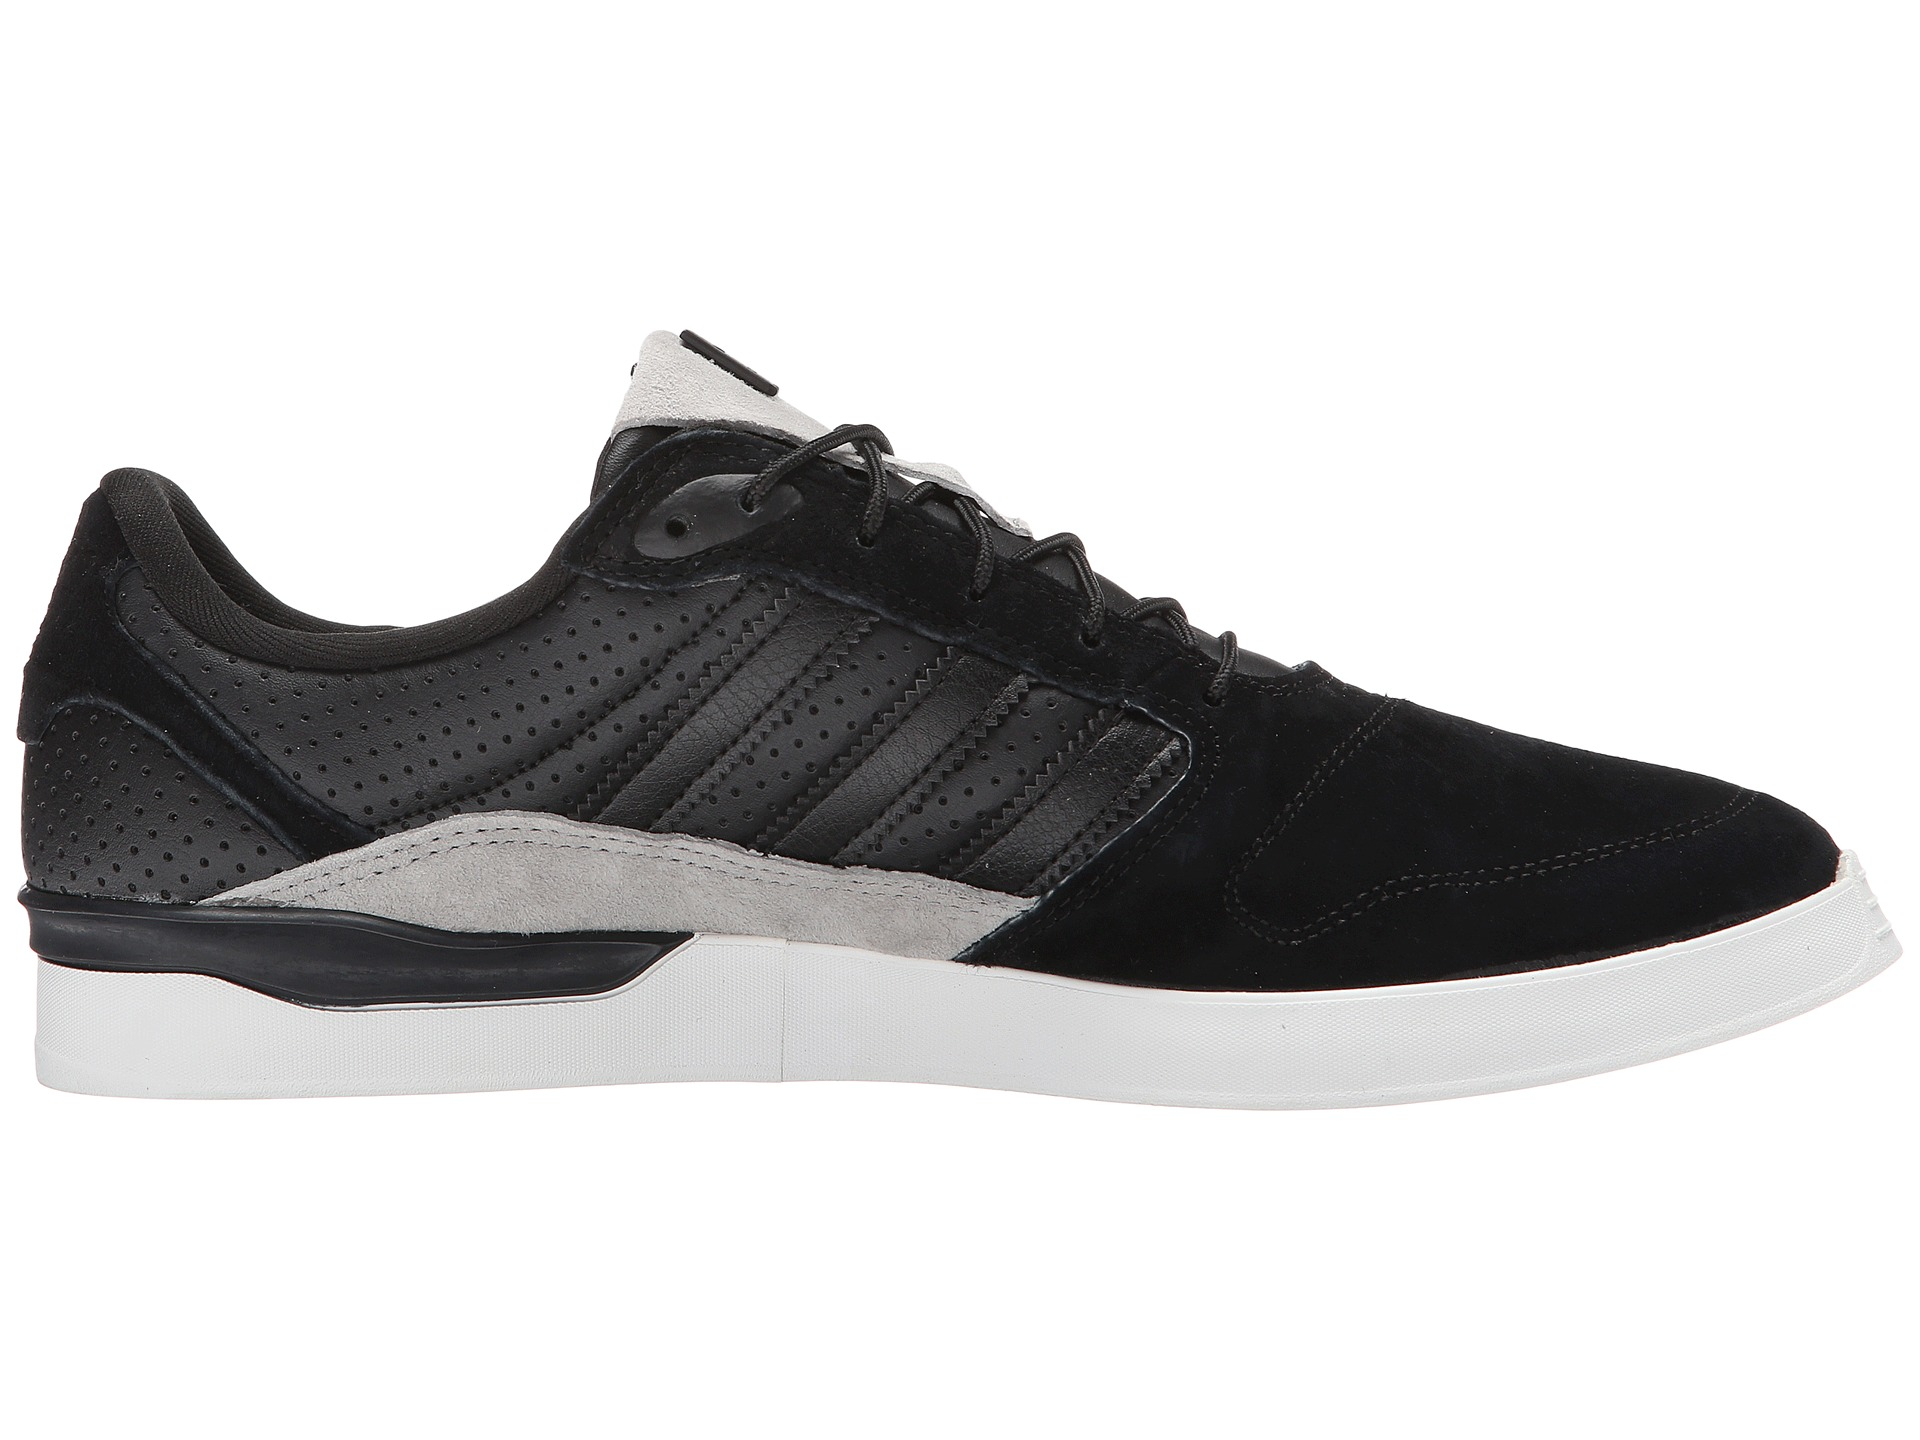 9a83764f0 adidas originals zx vulc